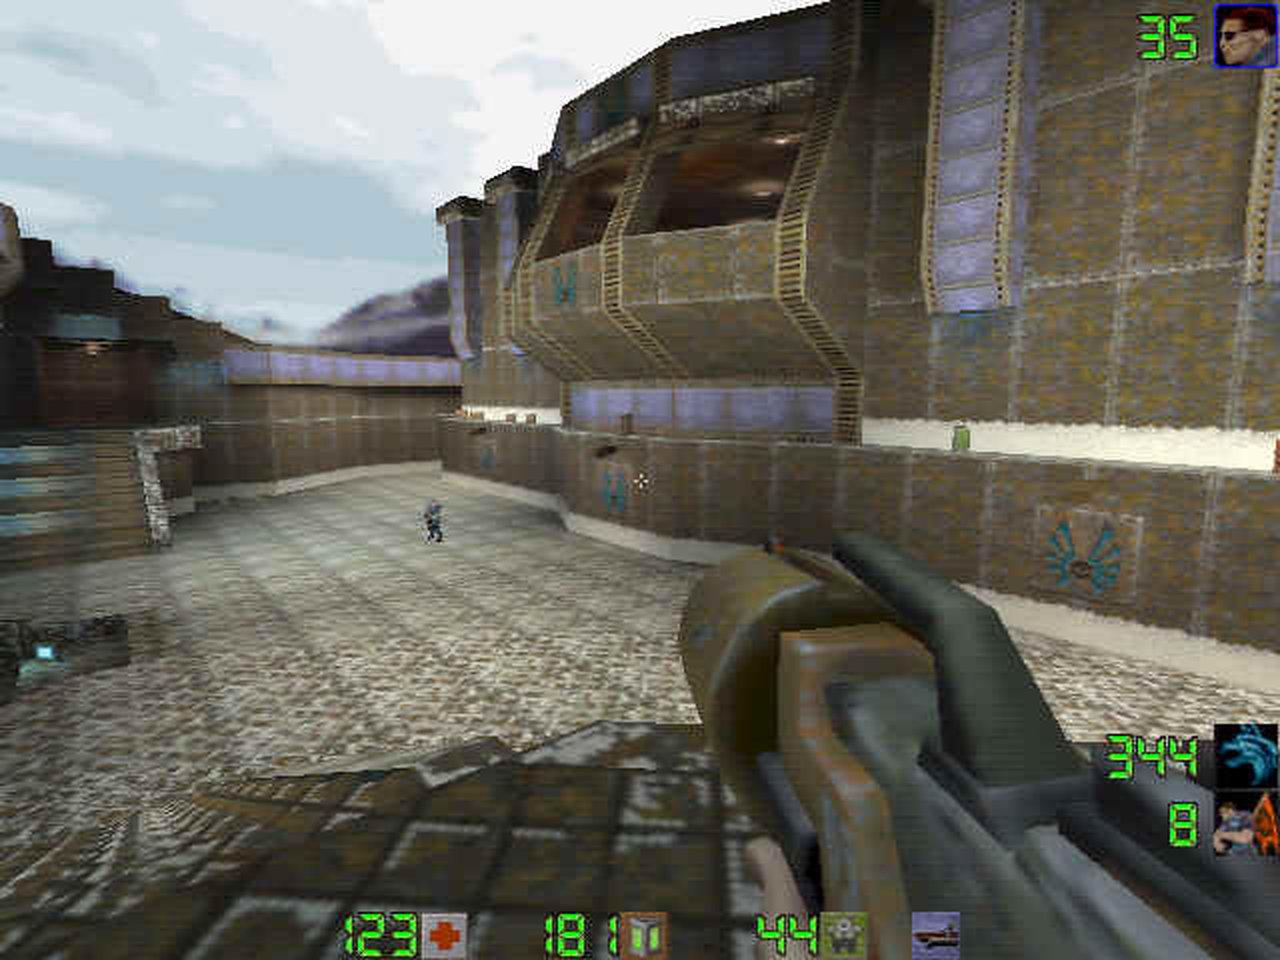 Quake II im LAN-Netzwerk war eine Offenbarung und für alle im Café eine neues Erlebnis. Anfangs sind daher auch viele rumgelaufen wie ein Haufen aufgescheuchter Hühner. Das hat sich aber schnell geändert. Quake haben wir oft und viel gespielt. Erst mehr Deathmatch; später hat sich das zu Gunsten von CTF verlagert. (Bild: id Software)